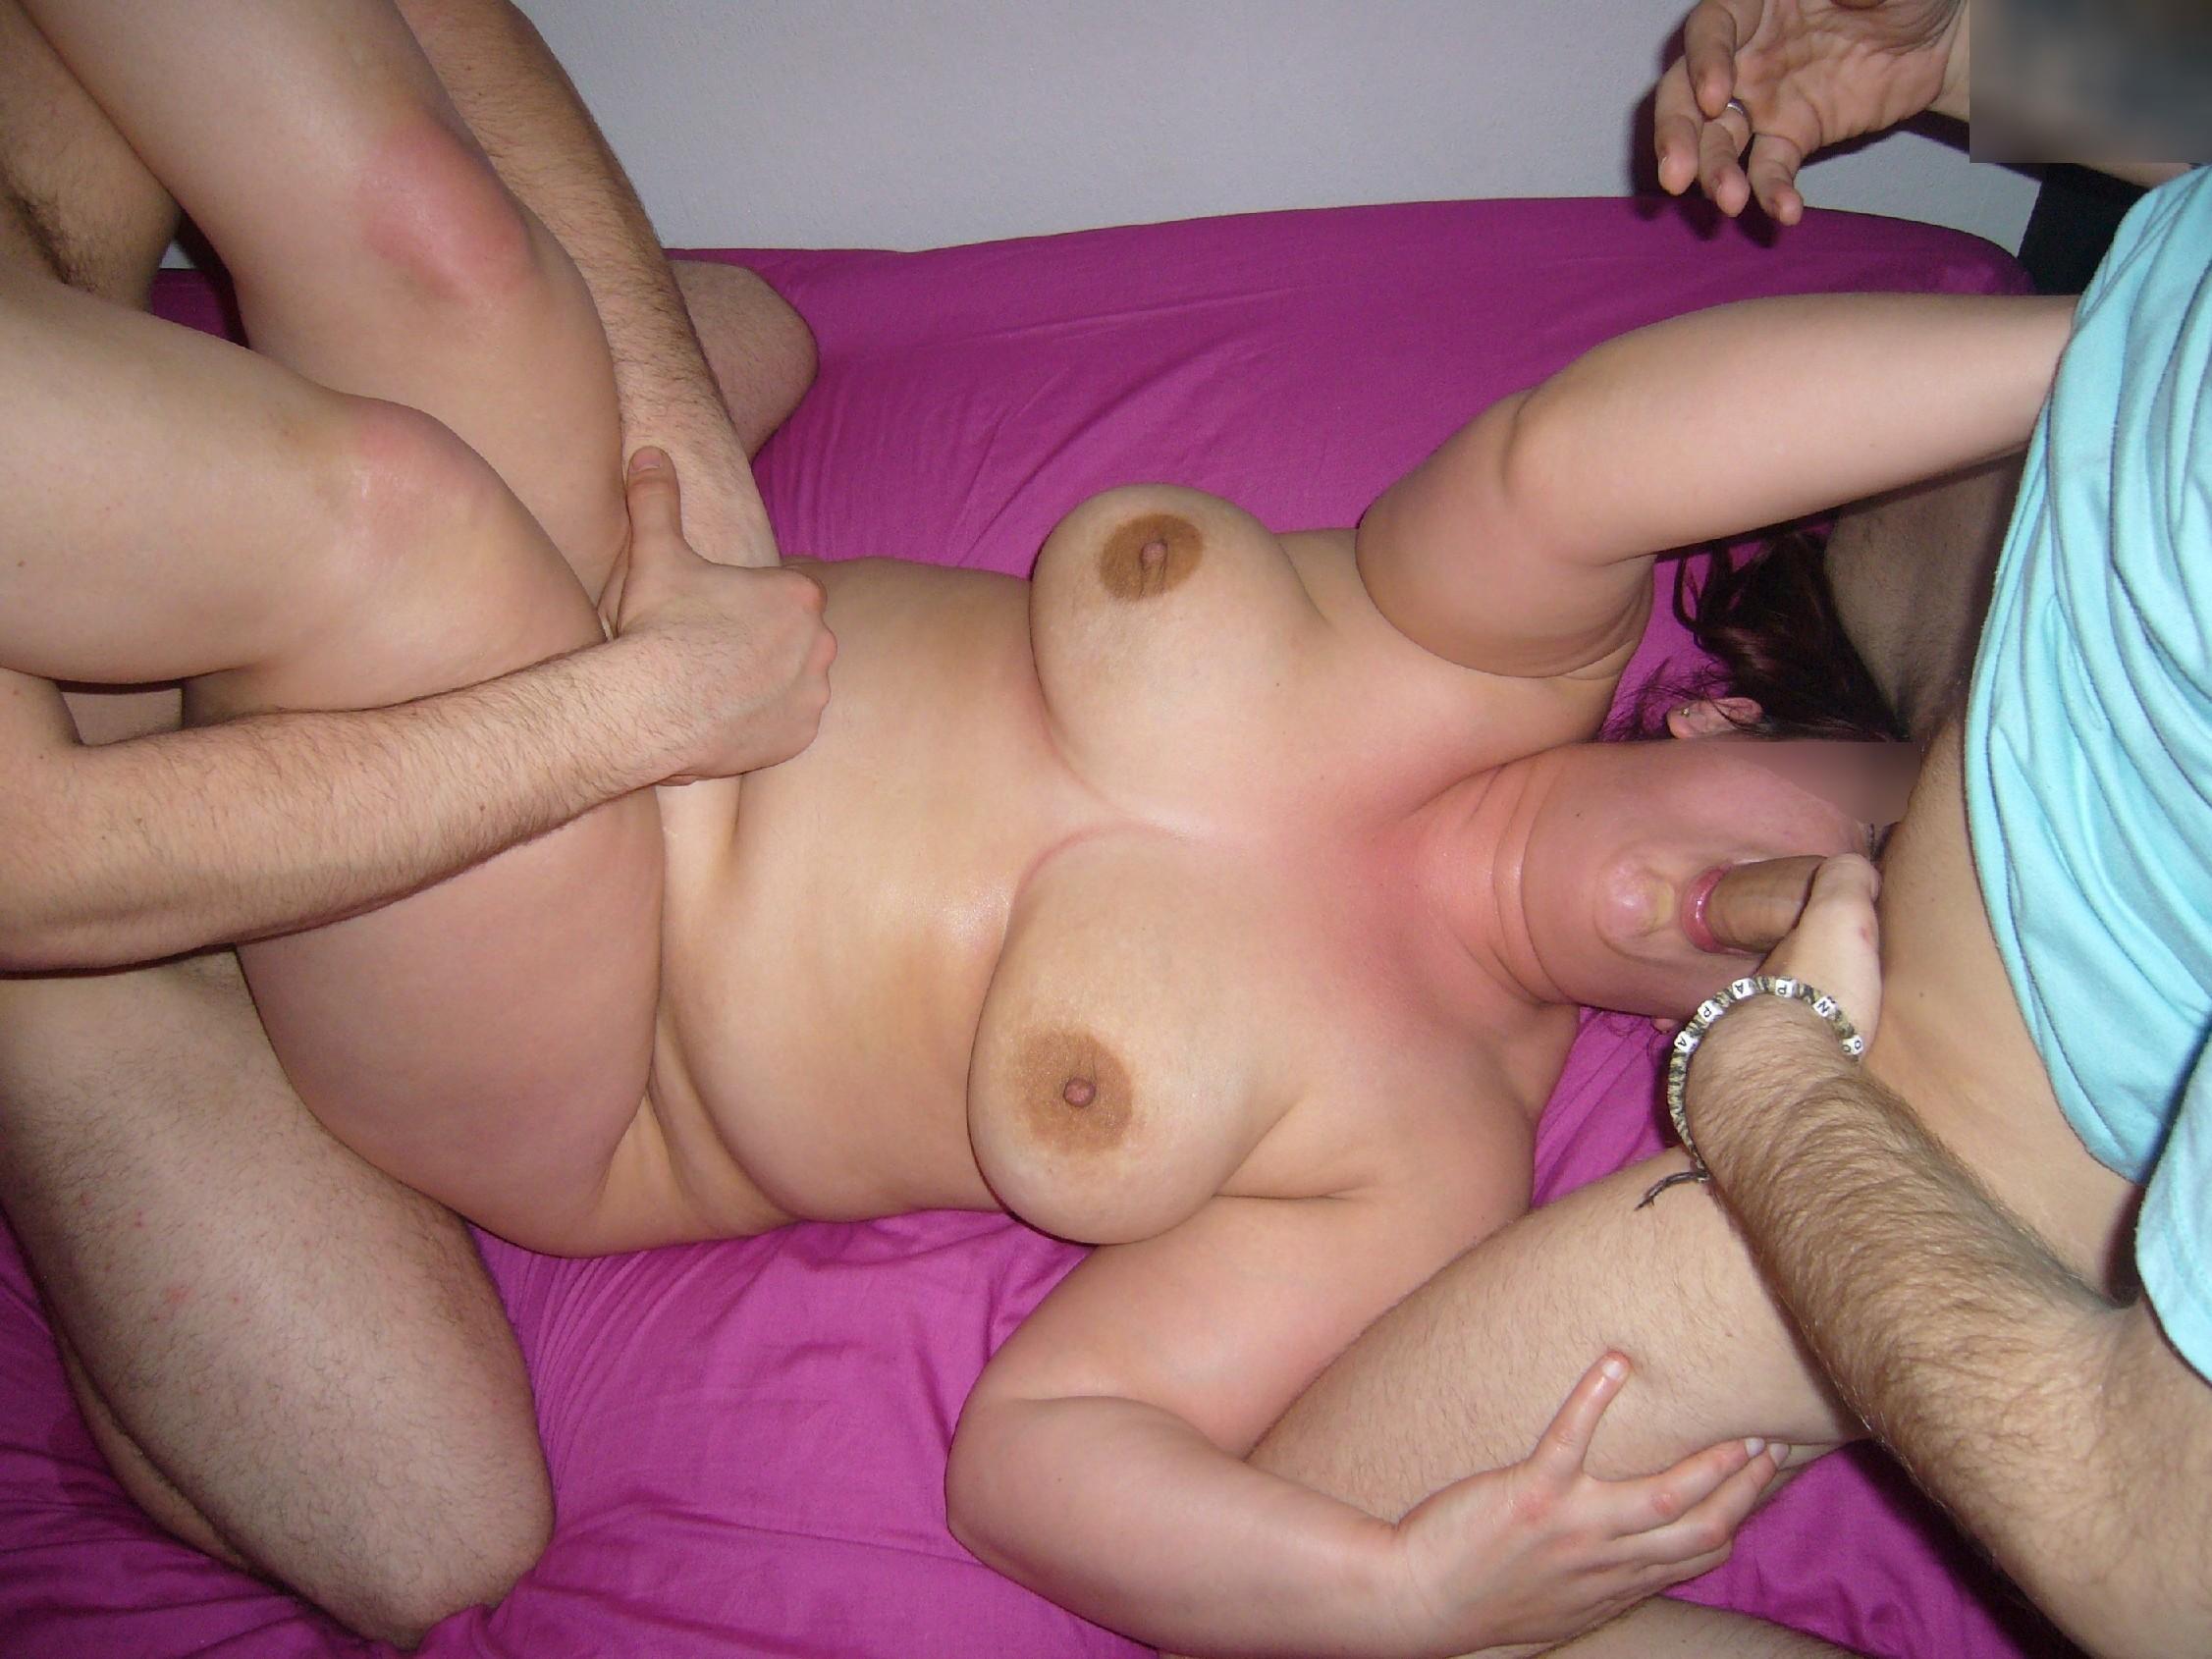 Пышная жена изменяет мужу с двумя зрелыми мужиками у них на кровати